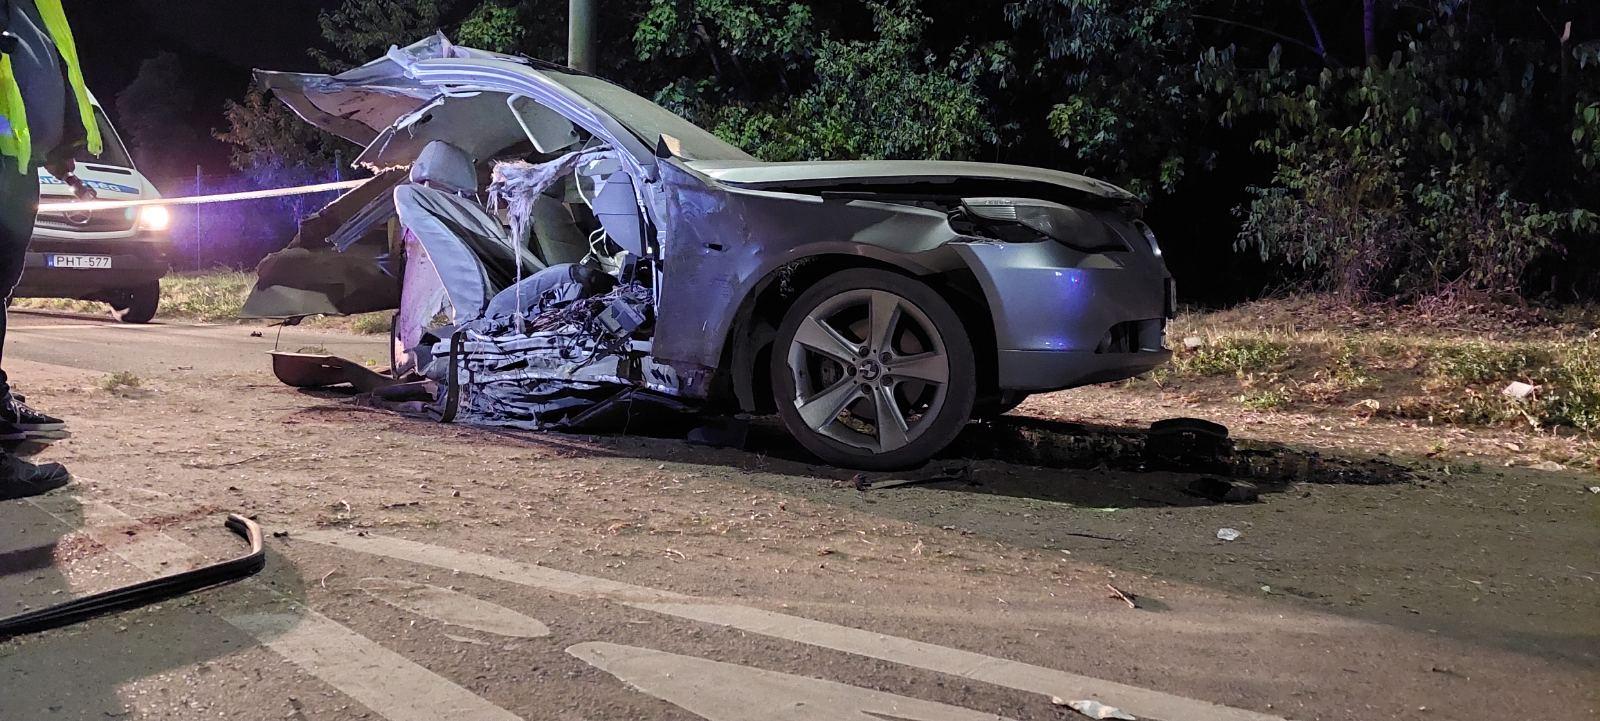 Drámai fordulat: kiderült, okkal száguldott a dunaújvárosi horrorbaleset sofőrje - Origo